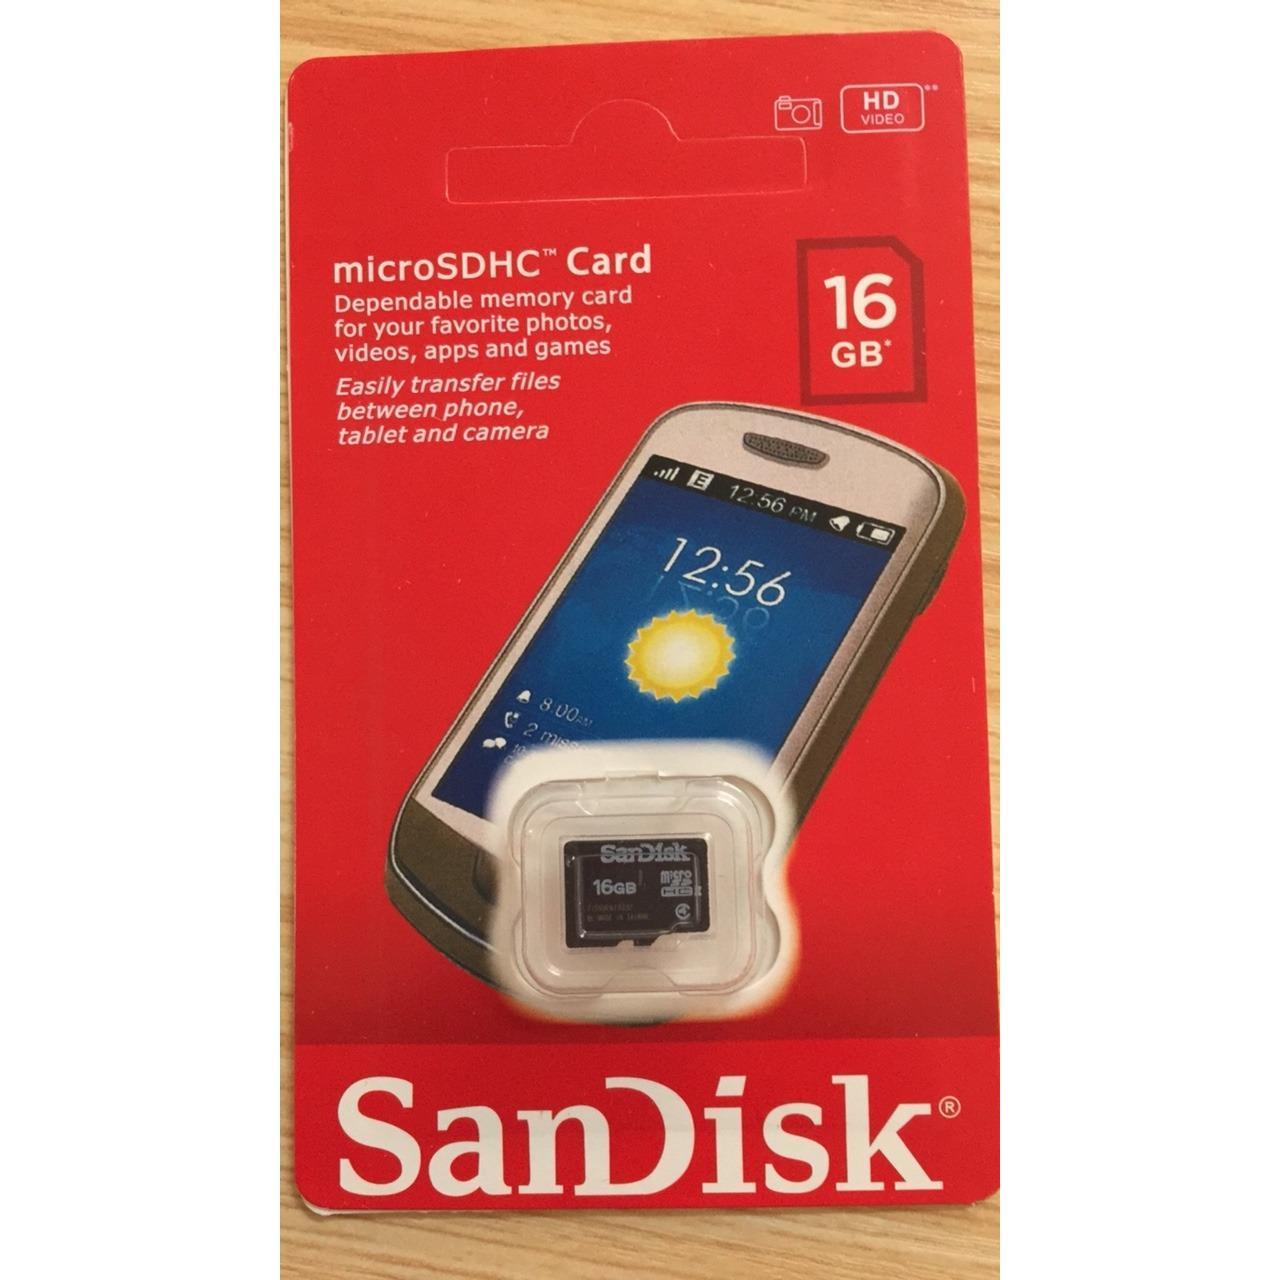 Thẻ nhớ micro sd sandisk class 10,16gb chuẩn dung lượng